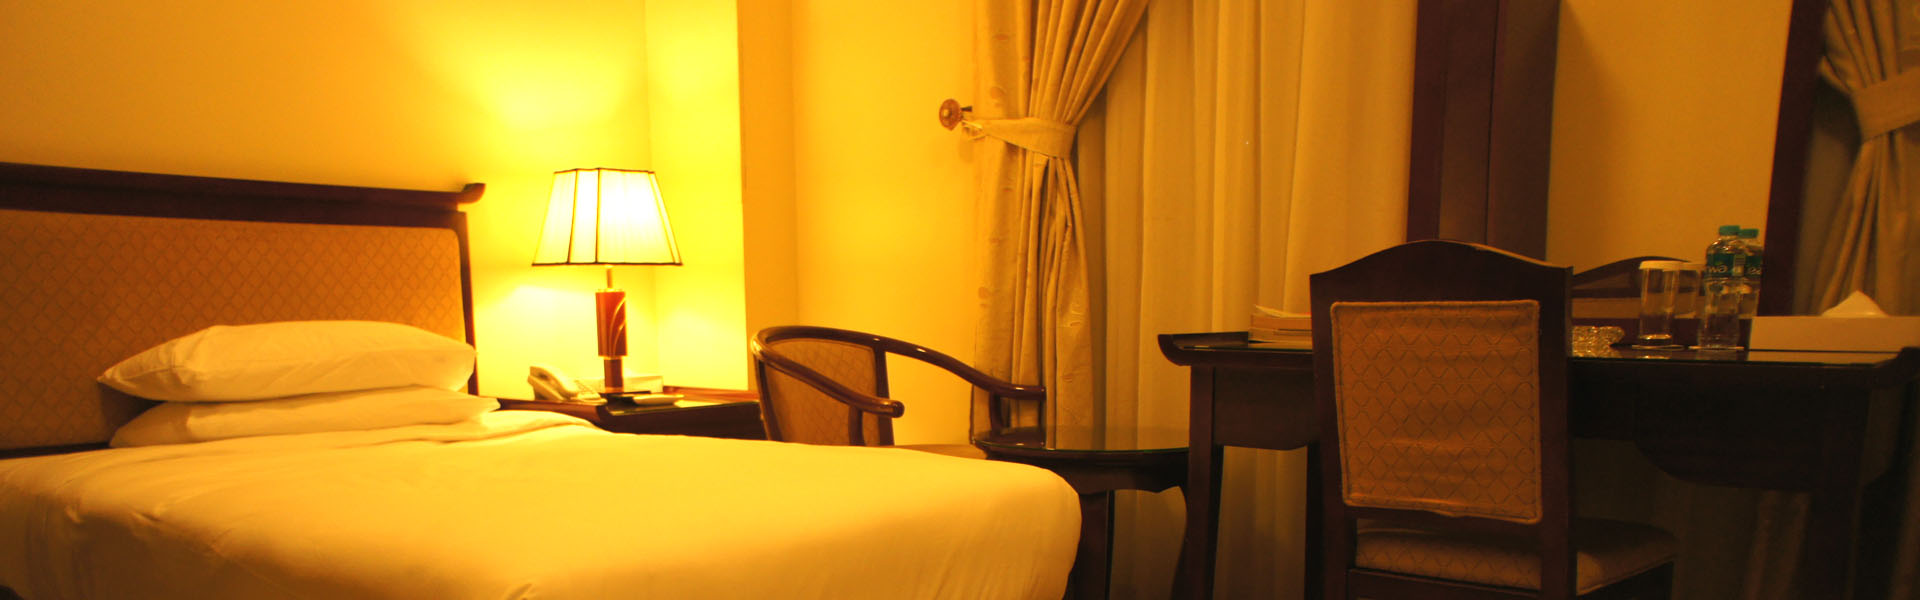 room_2single